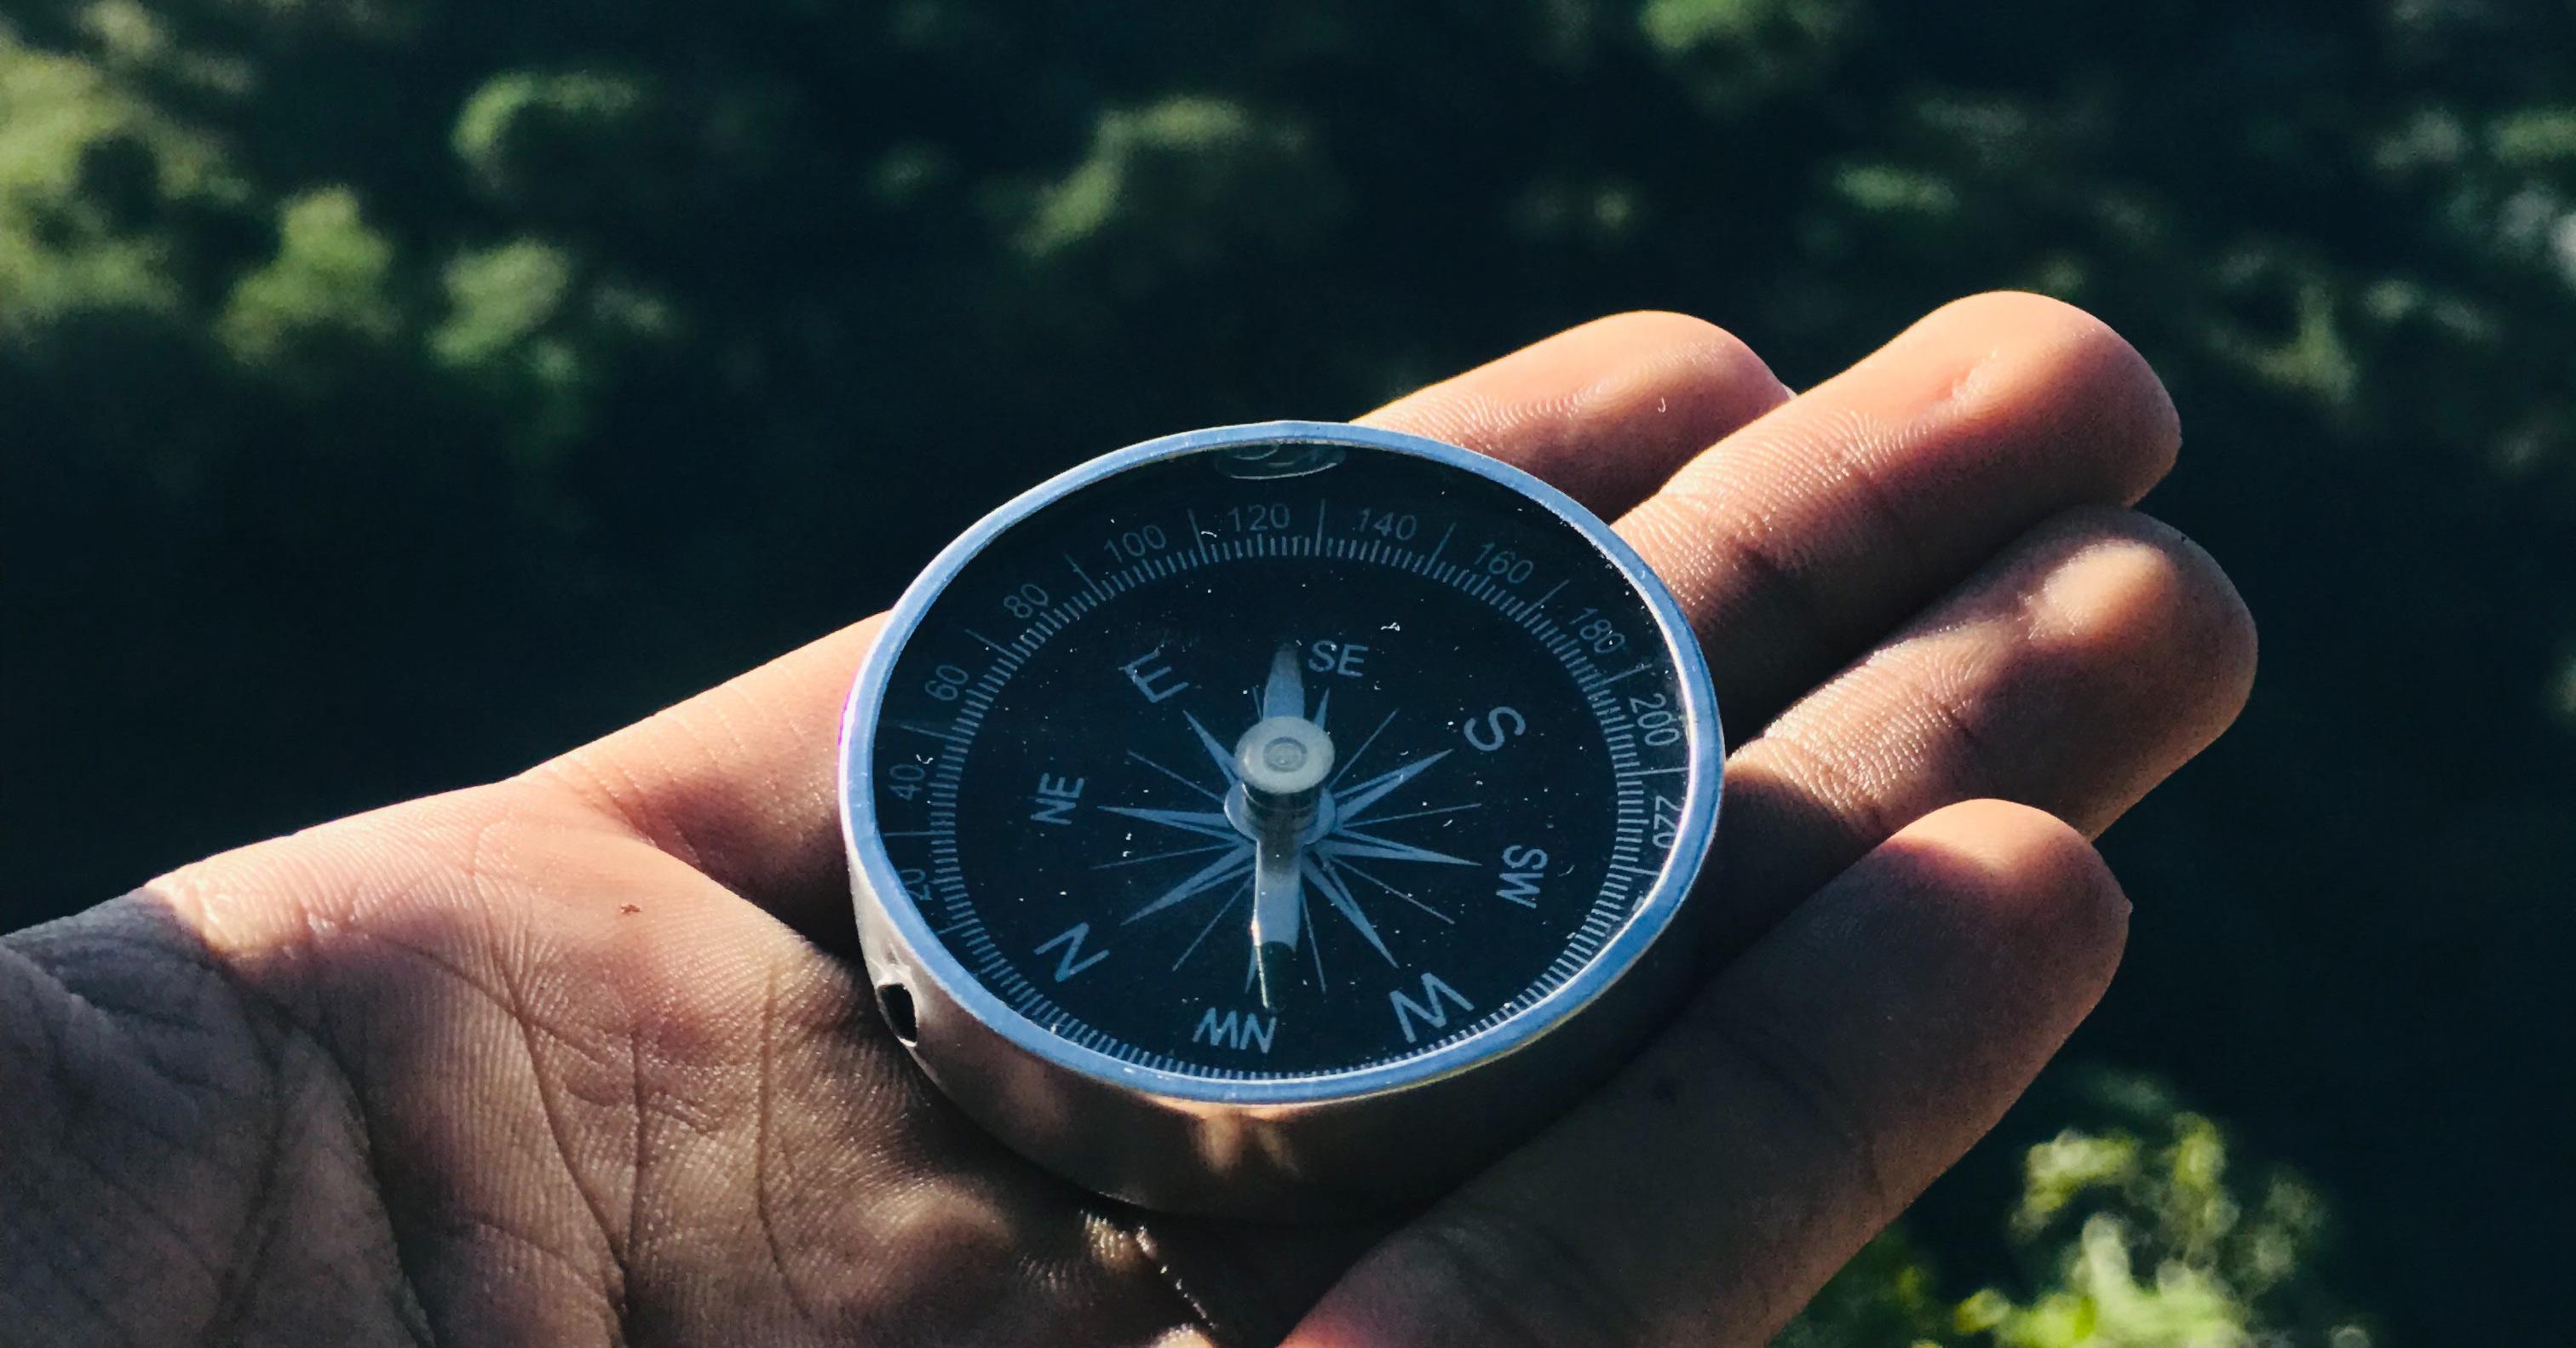 Kompass mit dem Kunden im Mittelpunkt